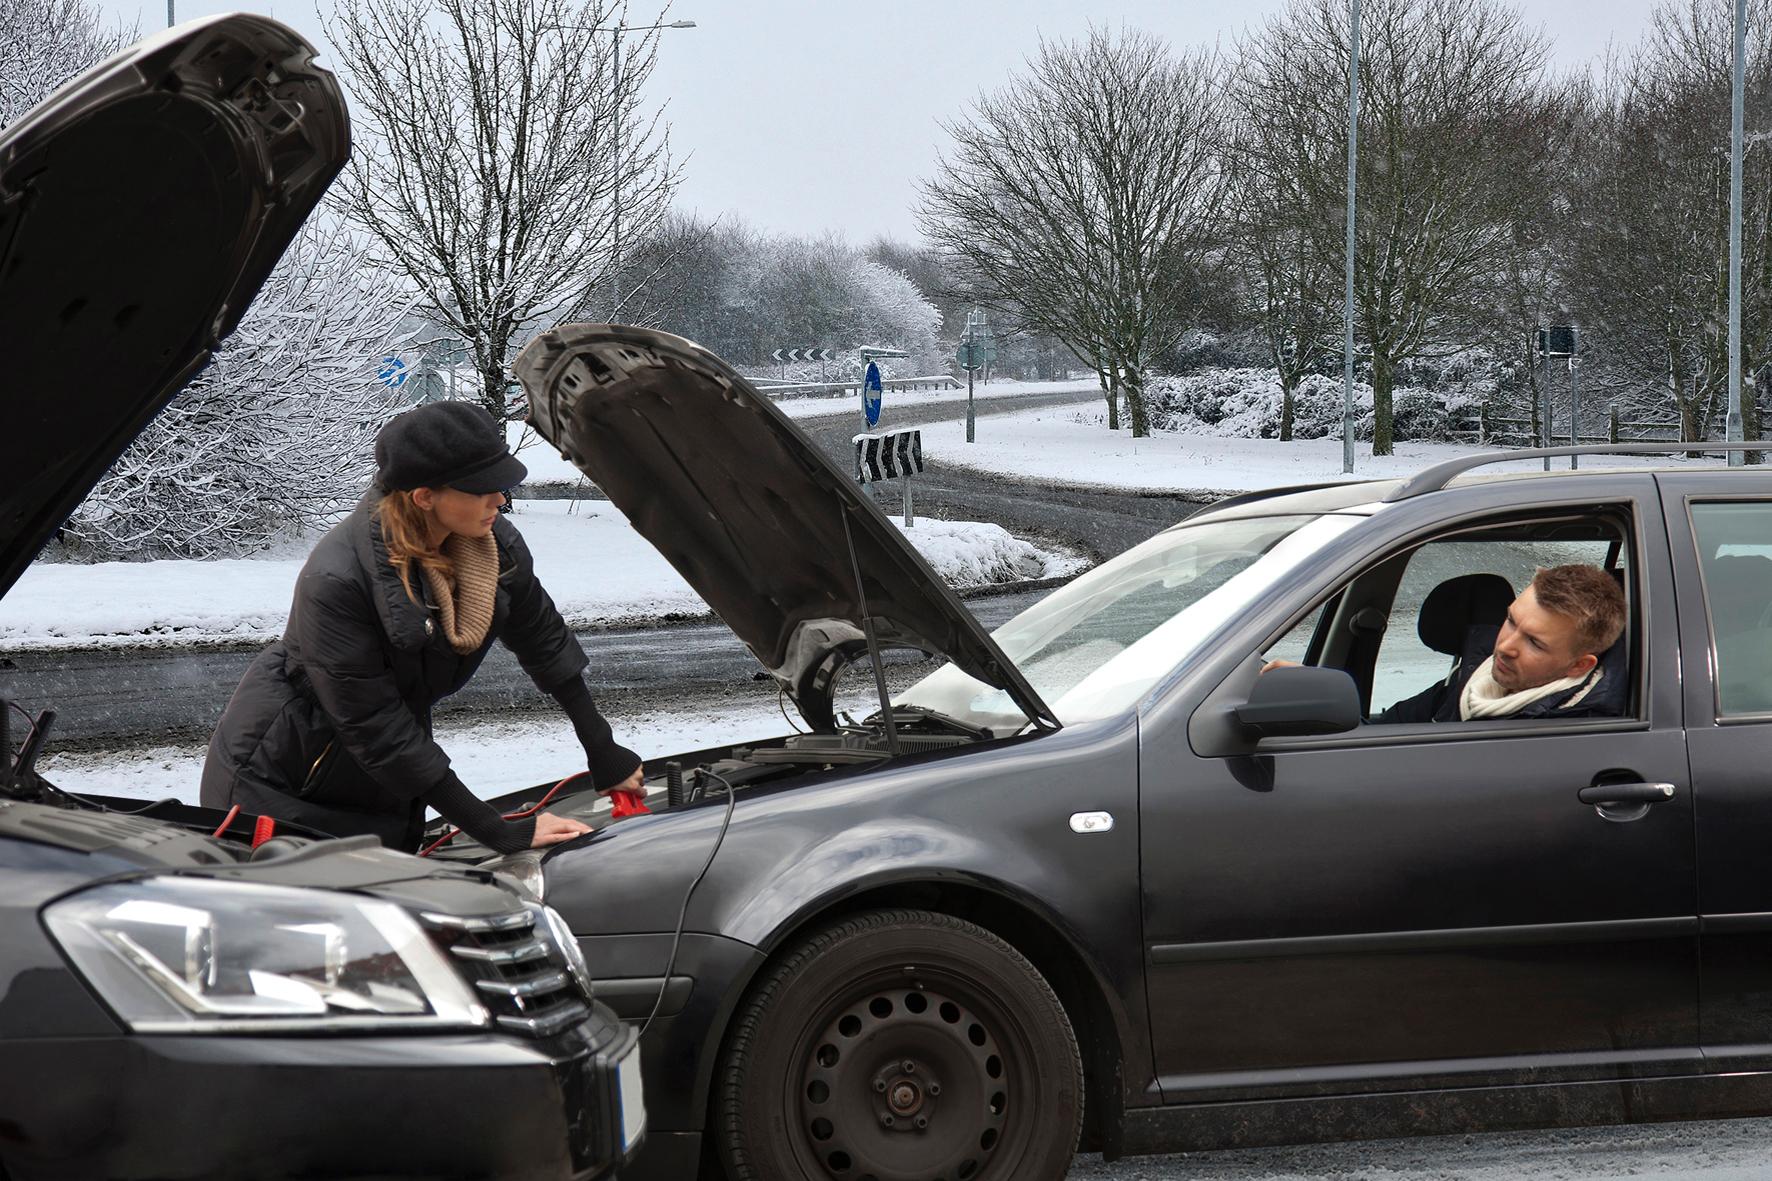 mid Düsseldorf - Diese Erfahrung haben im Winter schon viele Autofahrer gemacht. Der Wagen springt nicht an, weil die Batterie den Geist aufgegeben hat. Ein Überbrückungskabel macht die müde Batterie wieder munter.